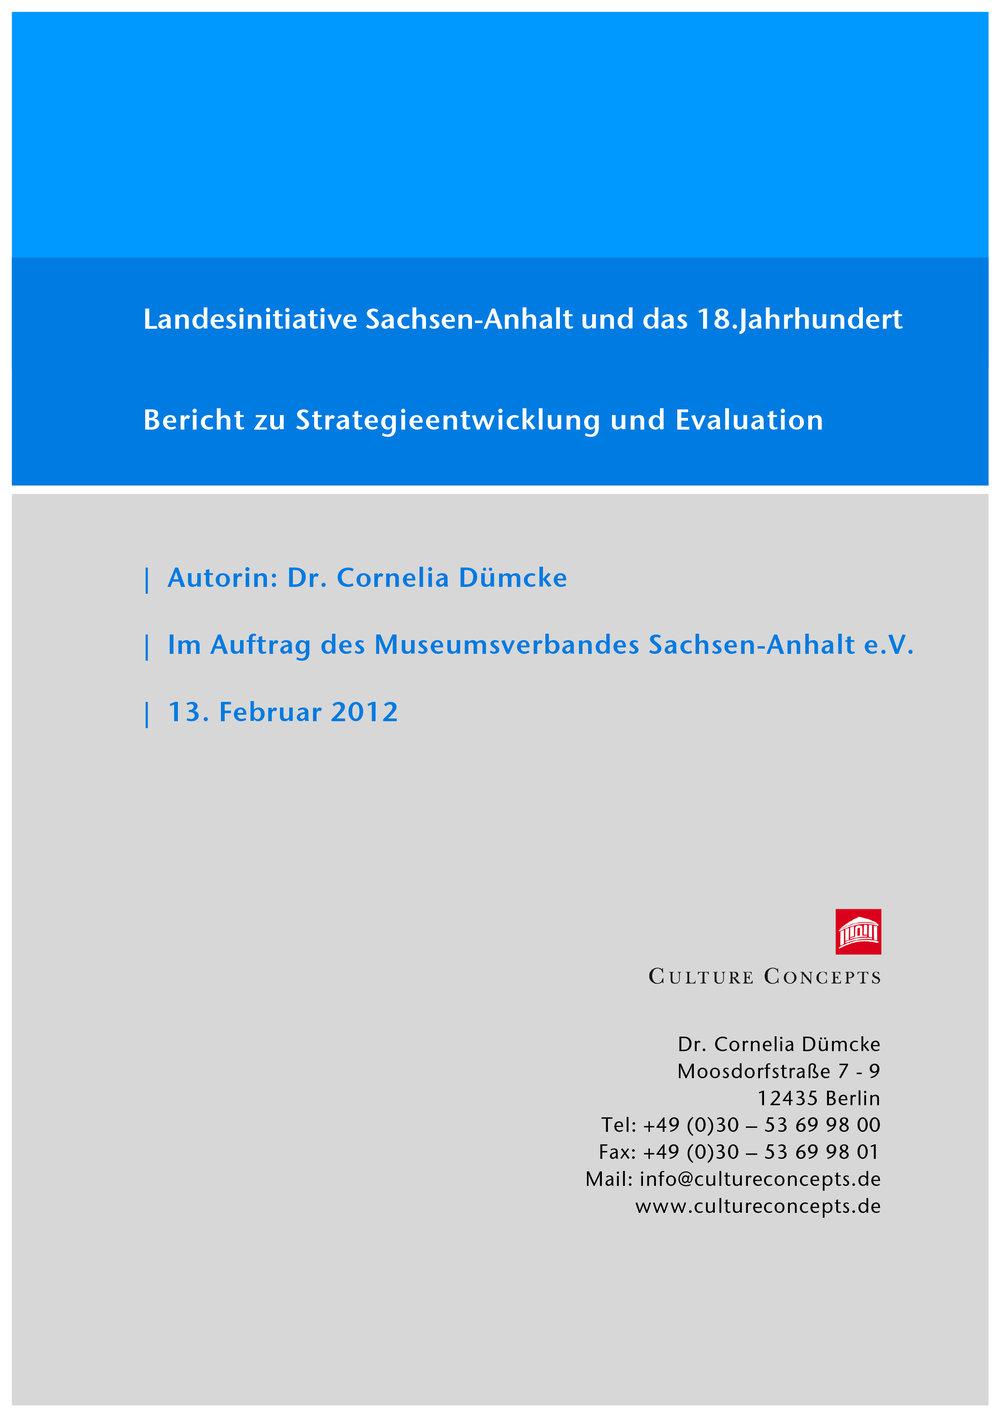 CDümcke_LSA 18_Bericht_Final_120214-1.jpg